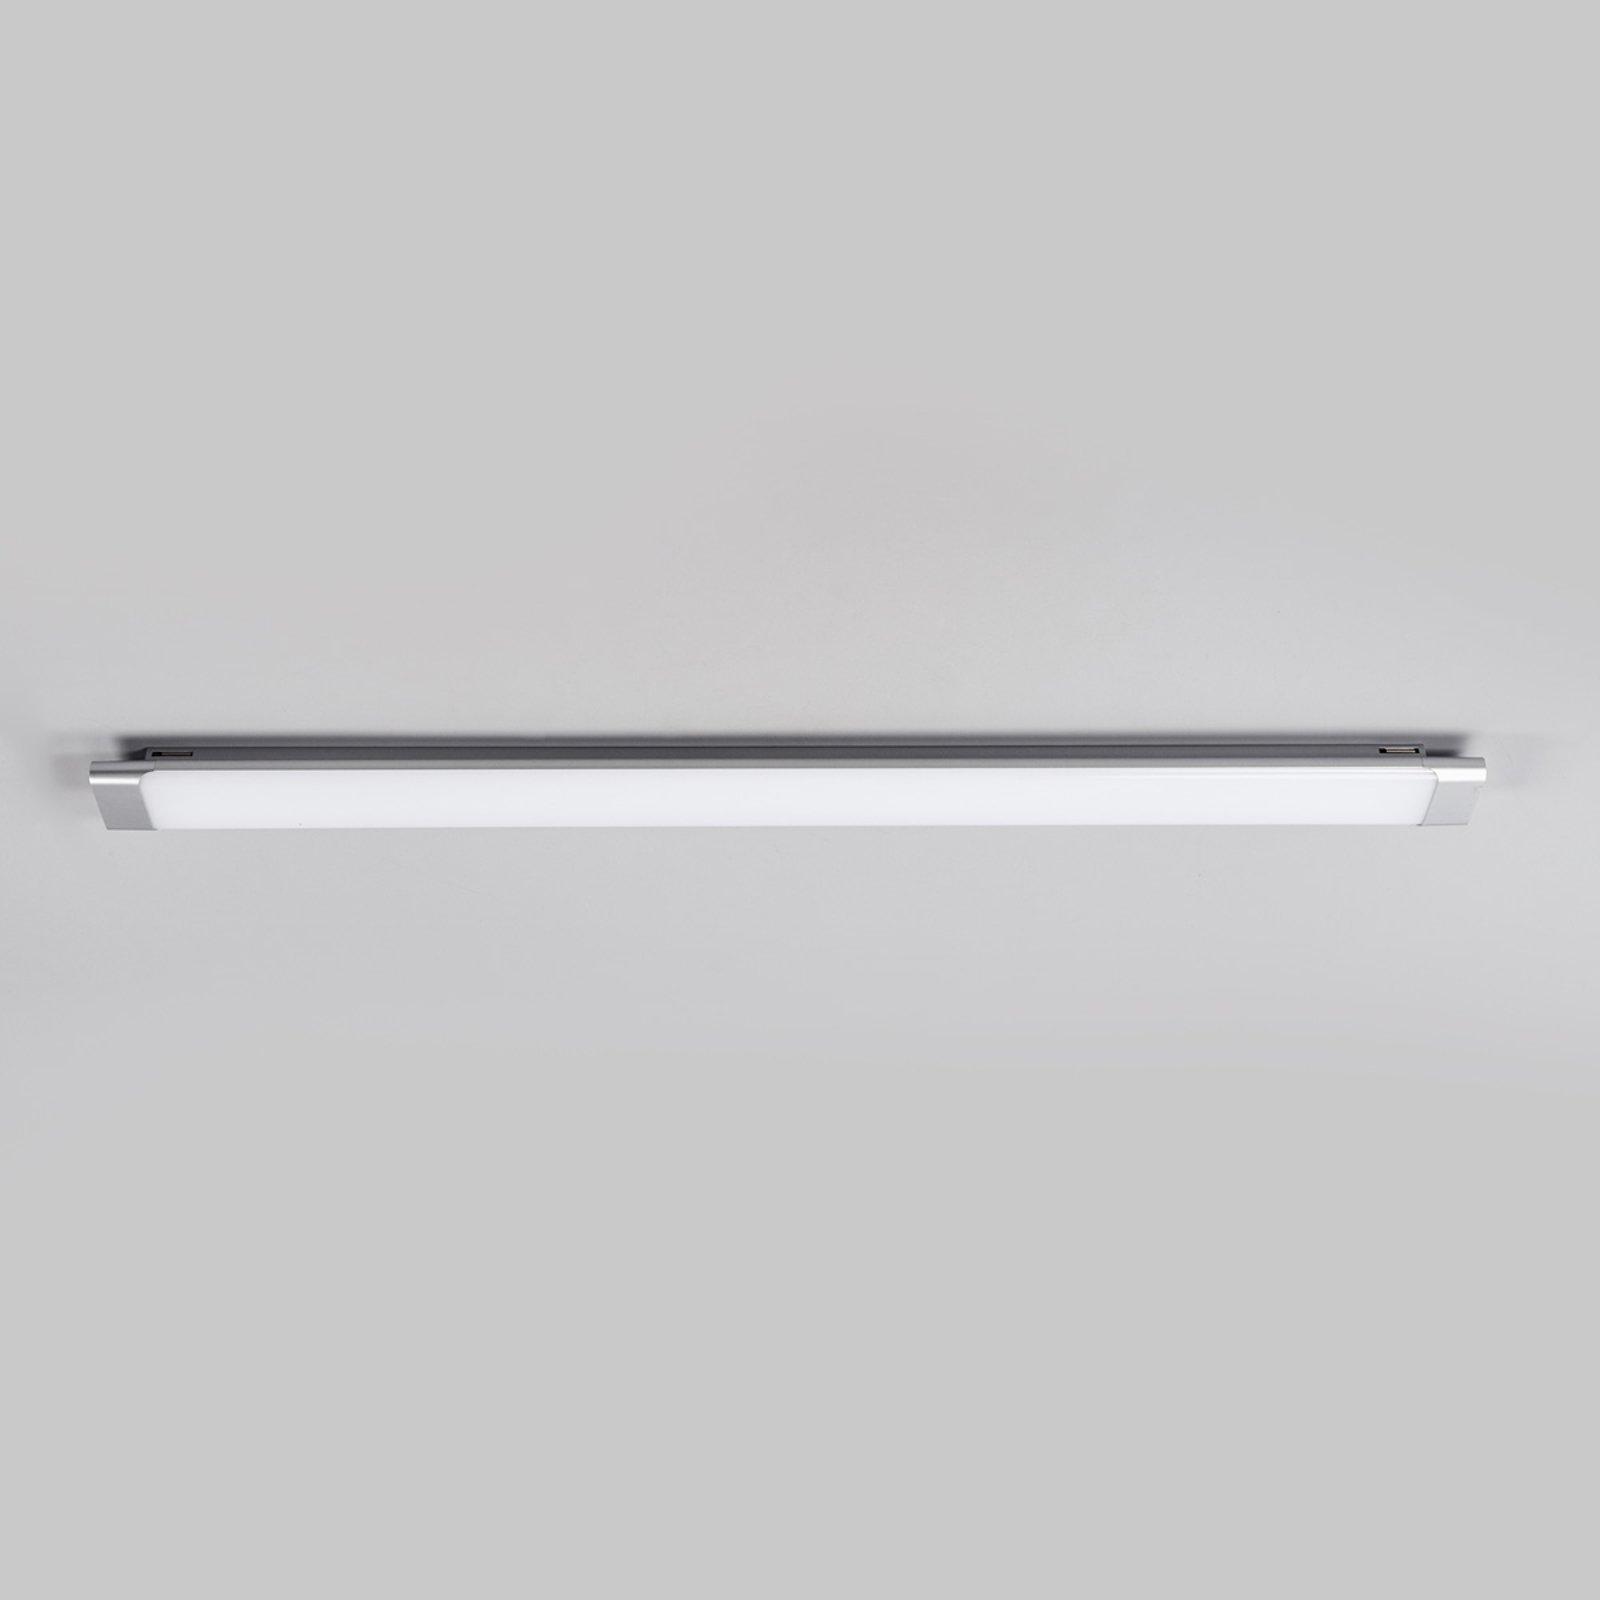 Vinca - LED-taklampe, 120 cm